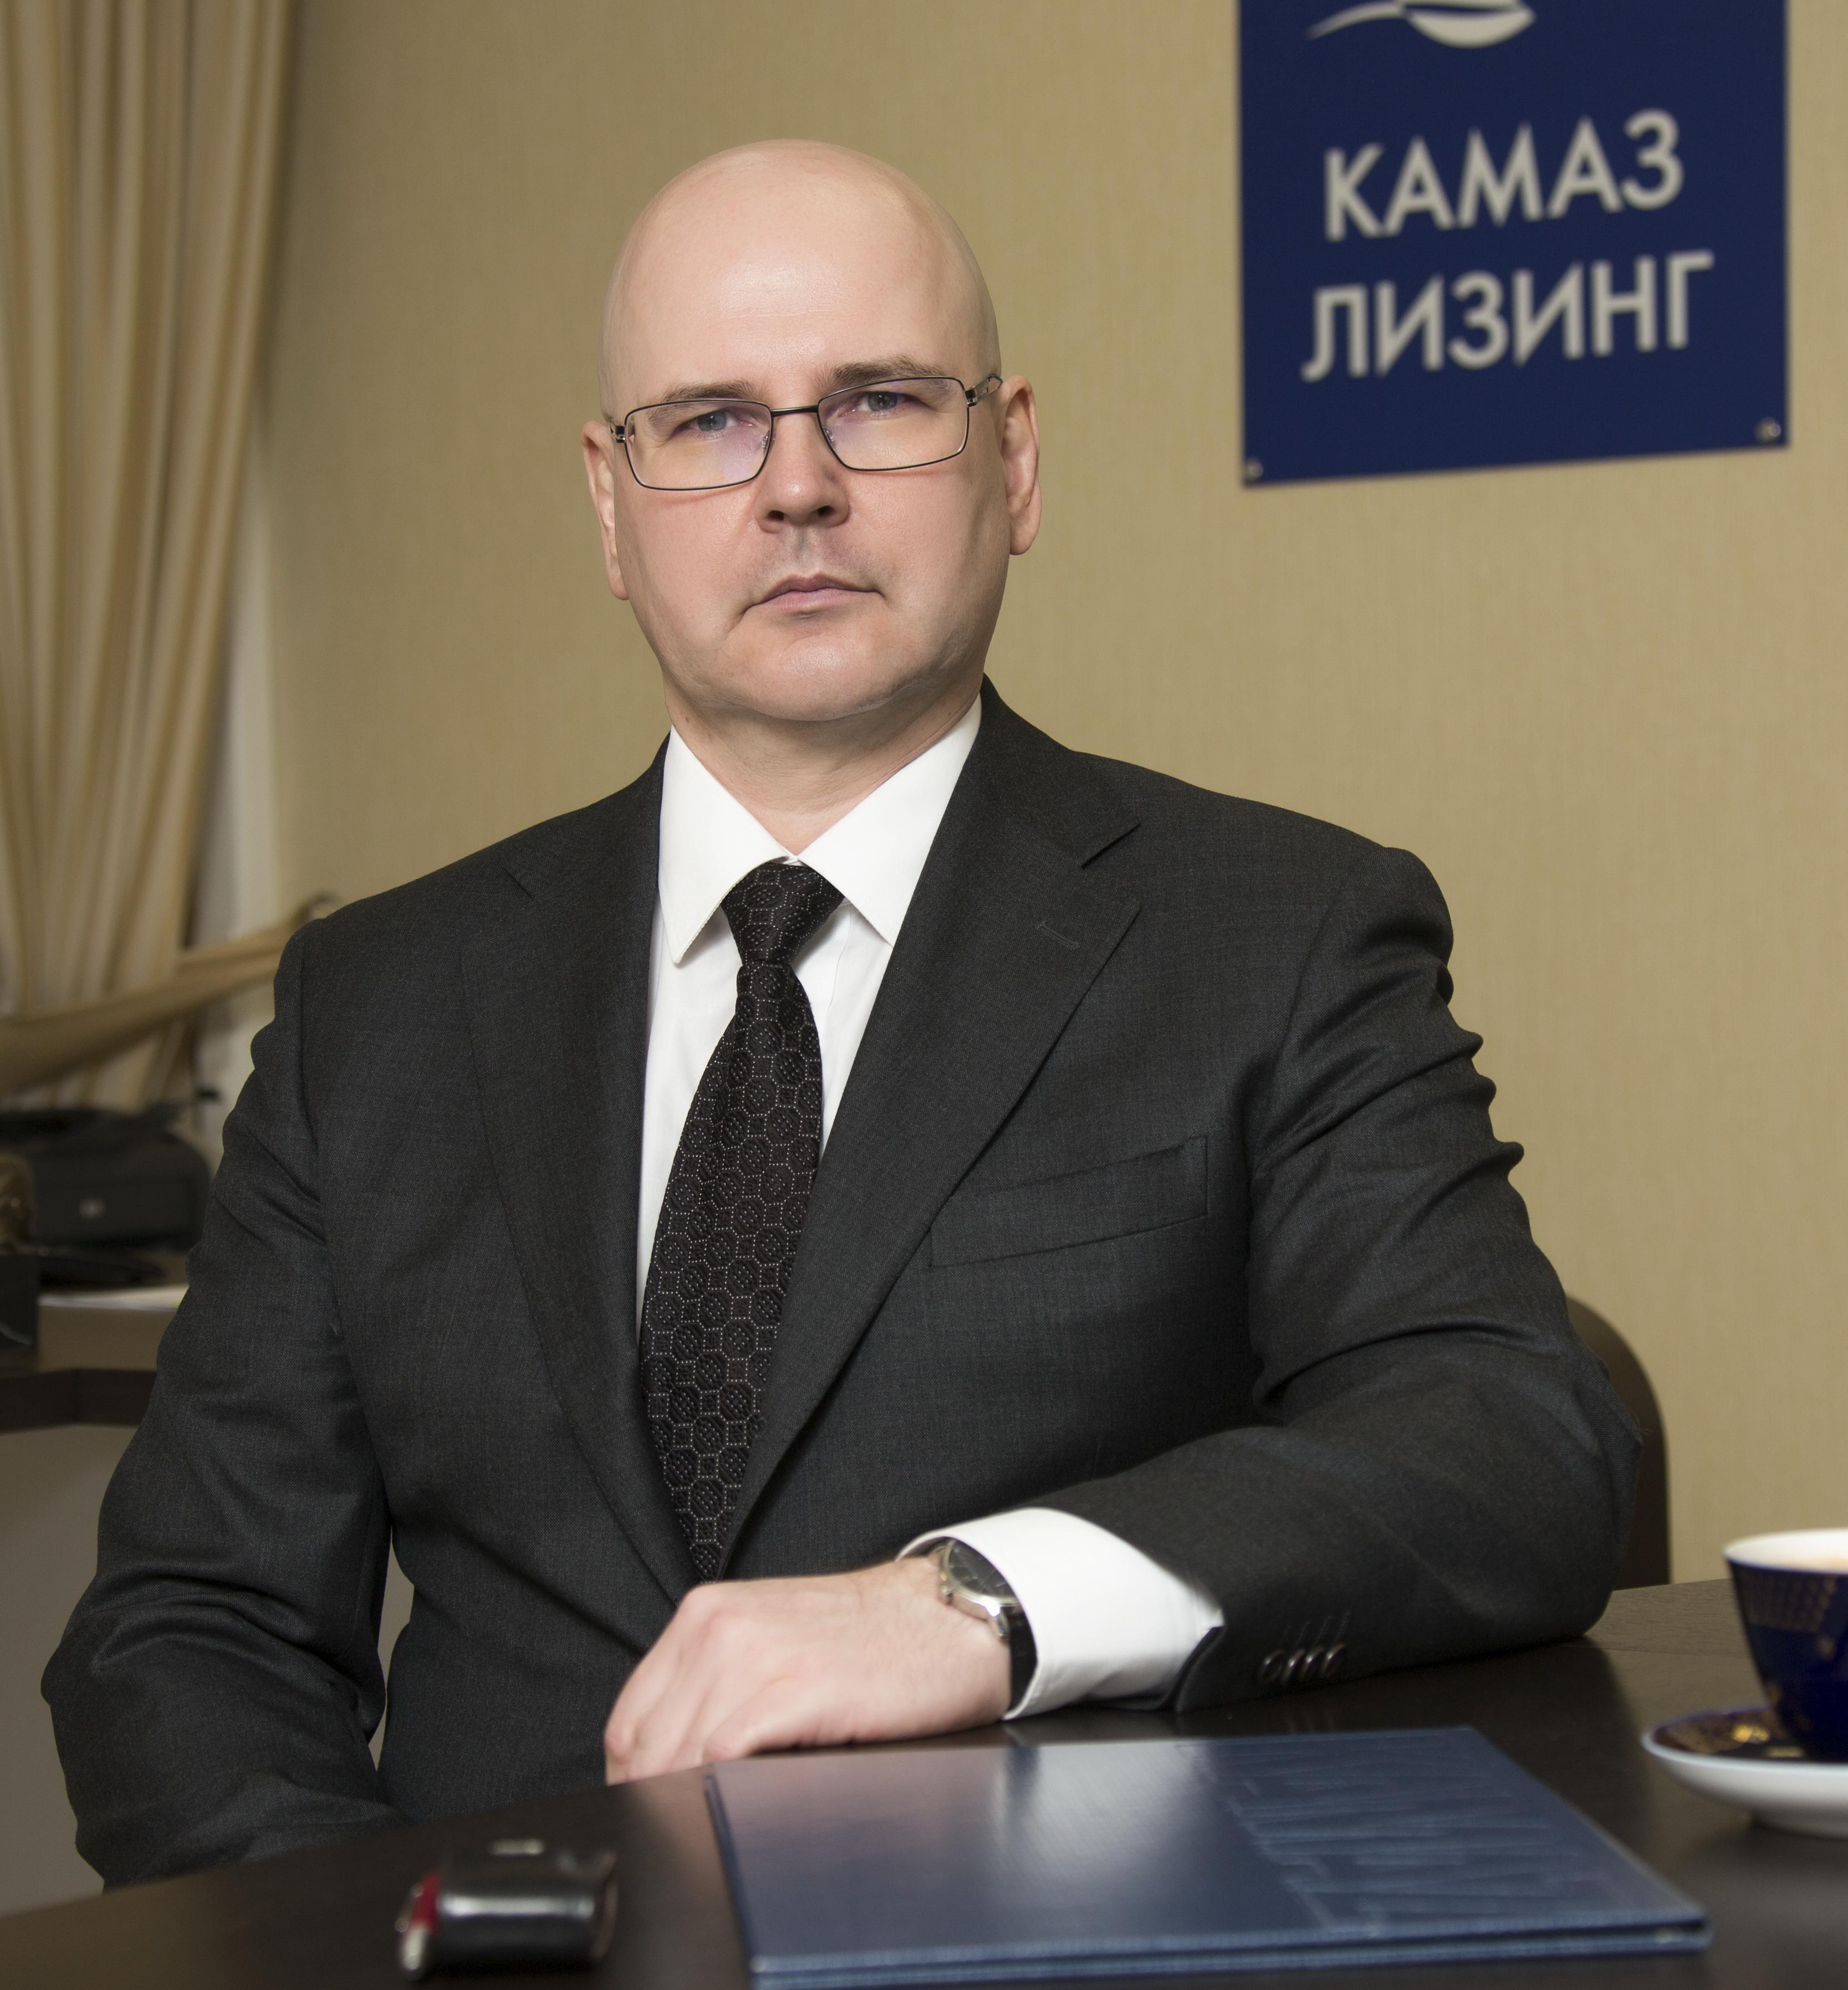 Андрей Гладков, генеральный директор АО «Лизинговая компания «КАМАЗ»